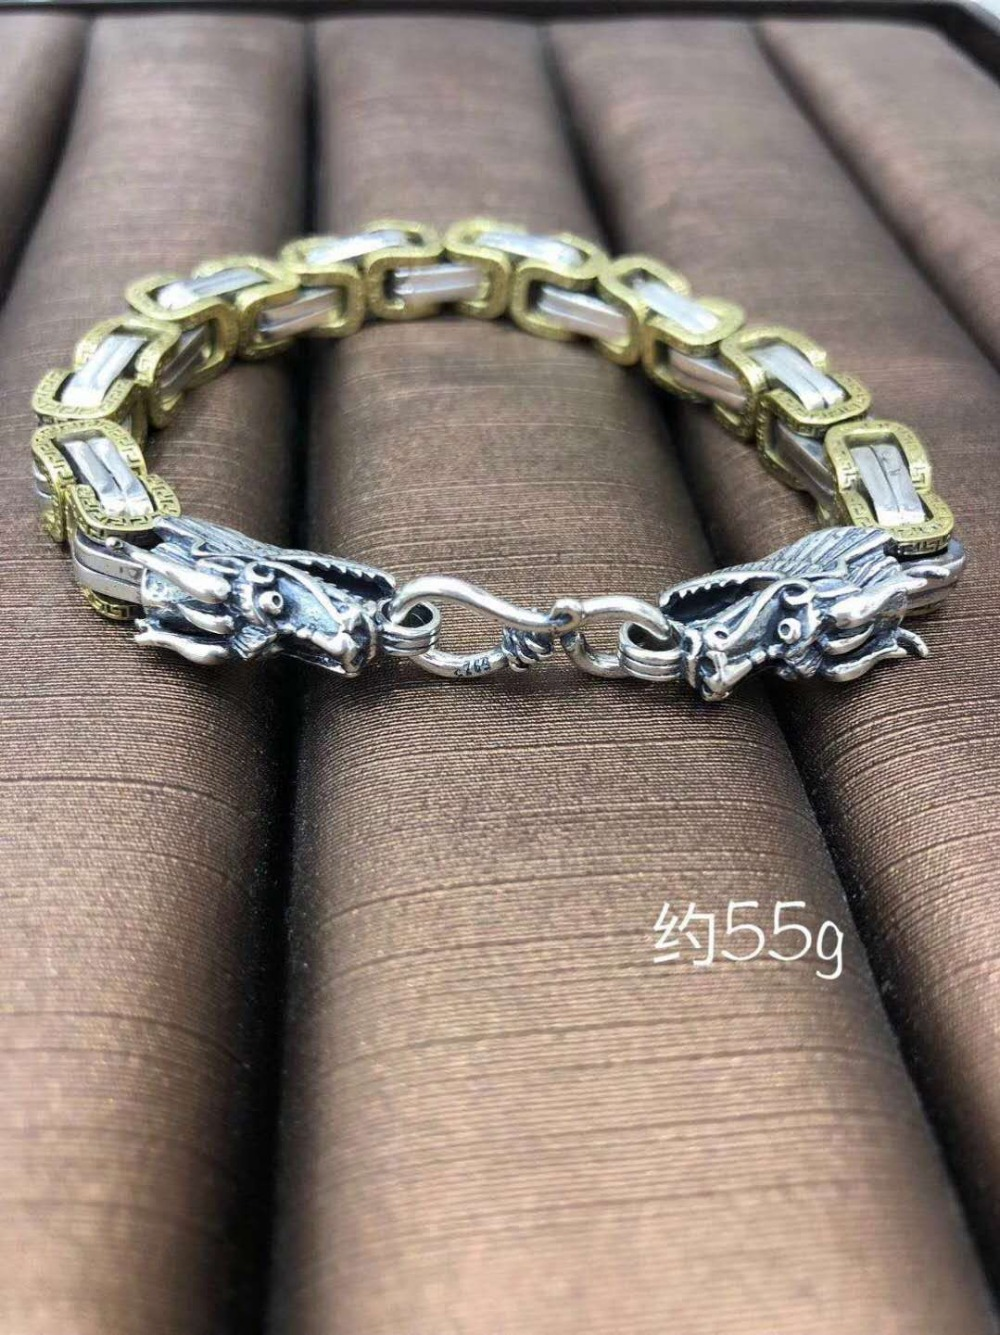 Jooremonter Sterling S925 argent Bracelet 925 homme mode Totems romantique vintage ethnique pendentif naturalstone fermé bracelet